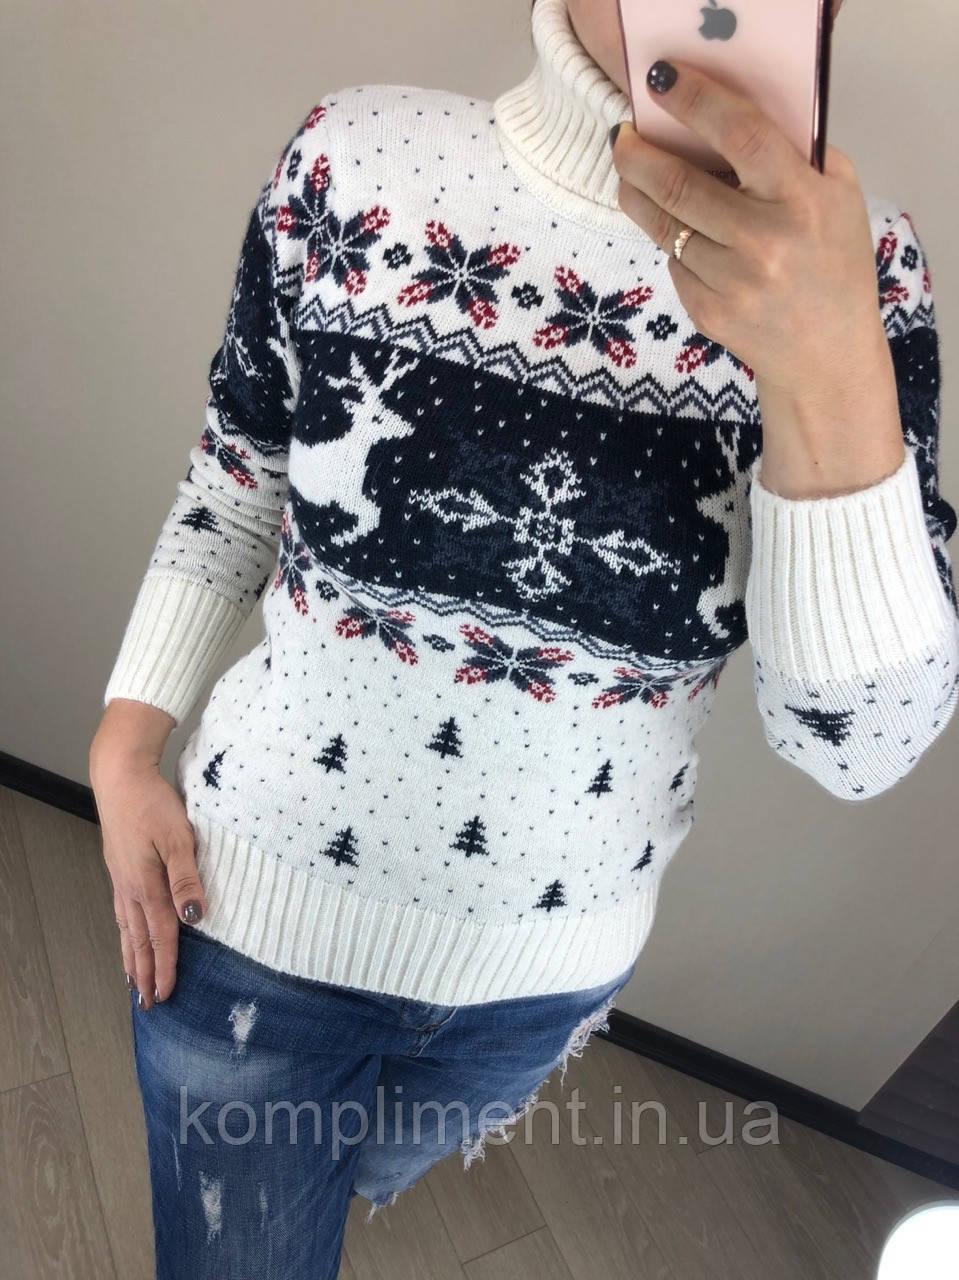 Шерстяной турецкий вязаный свитер под горло с рисунком елочки, белый